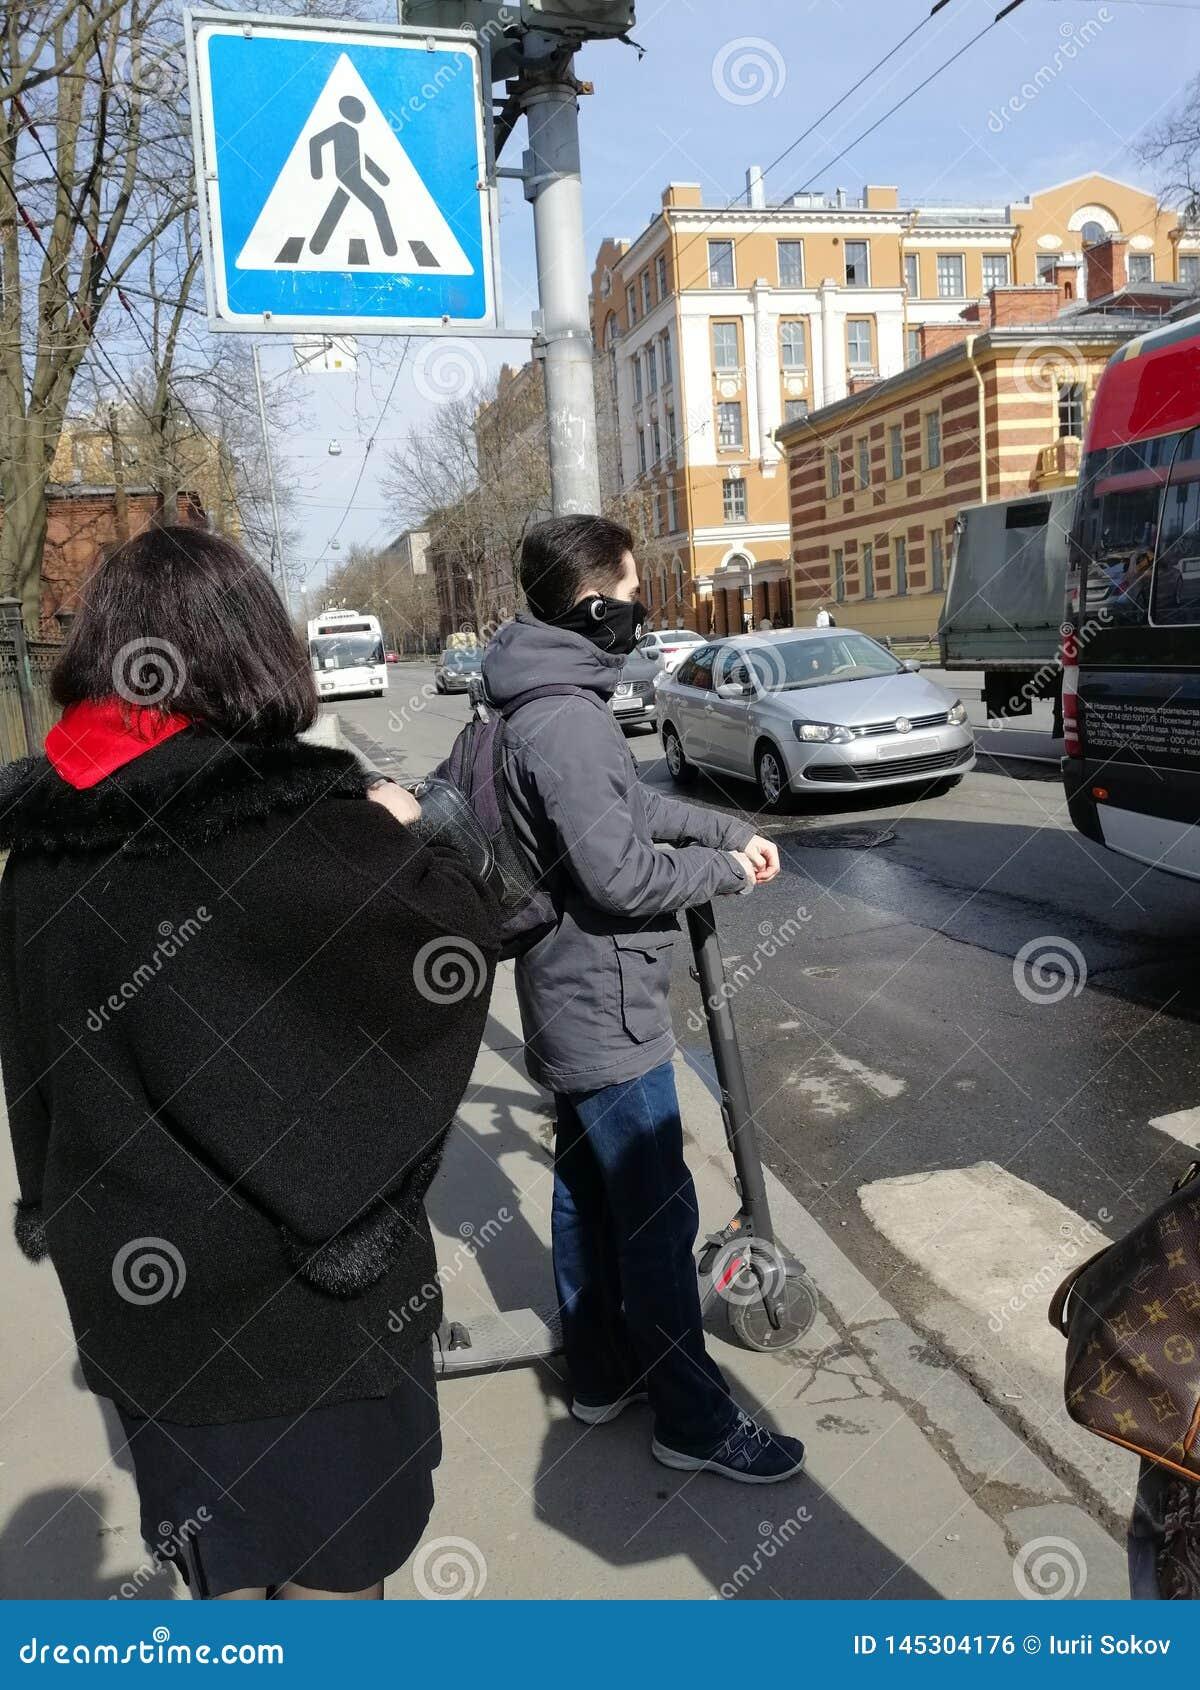 Ansicht von Leuten vor einem Fußgängerübergang